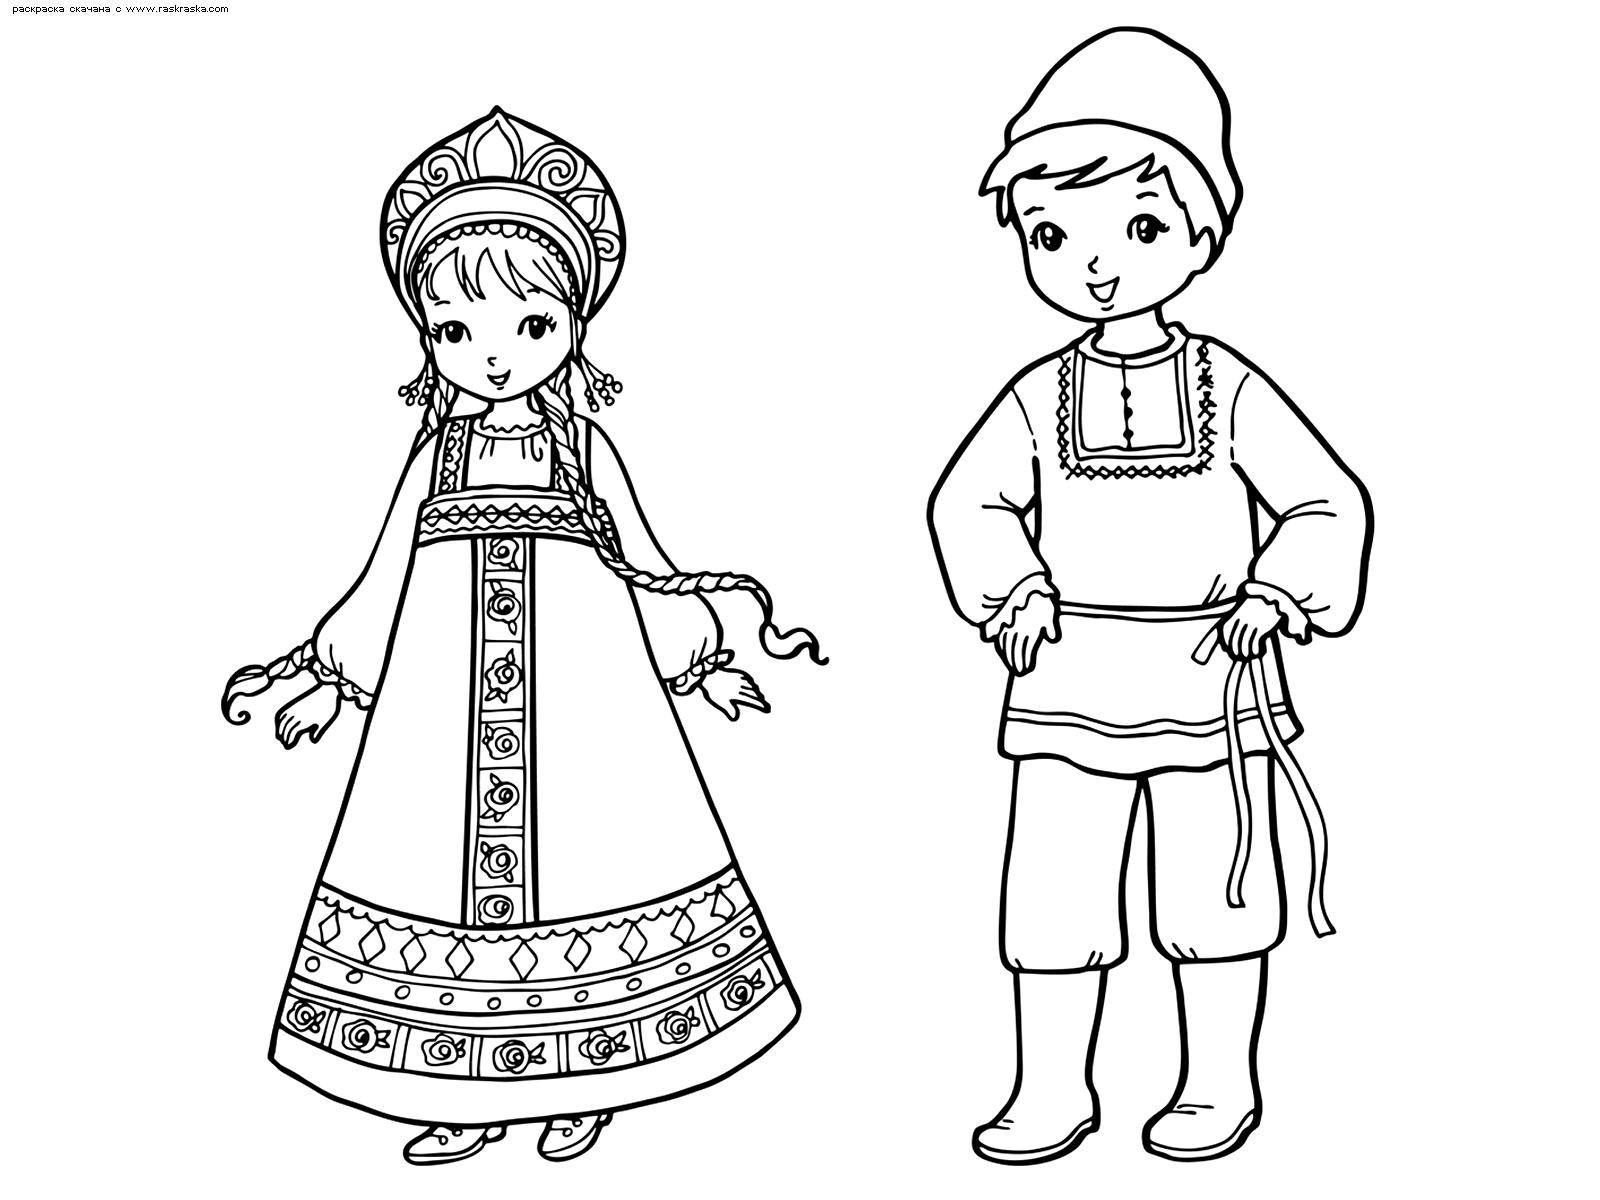 Раскраска Русские дети. Раскраска россия